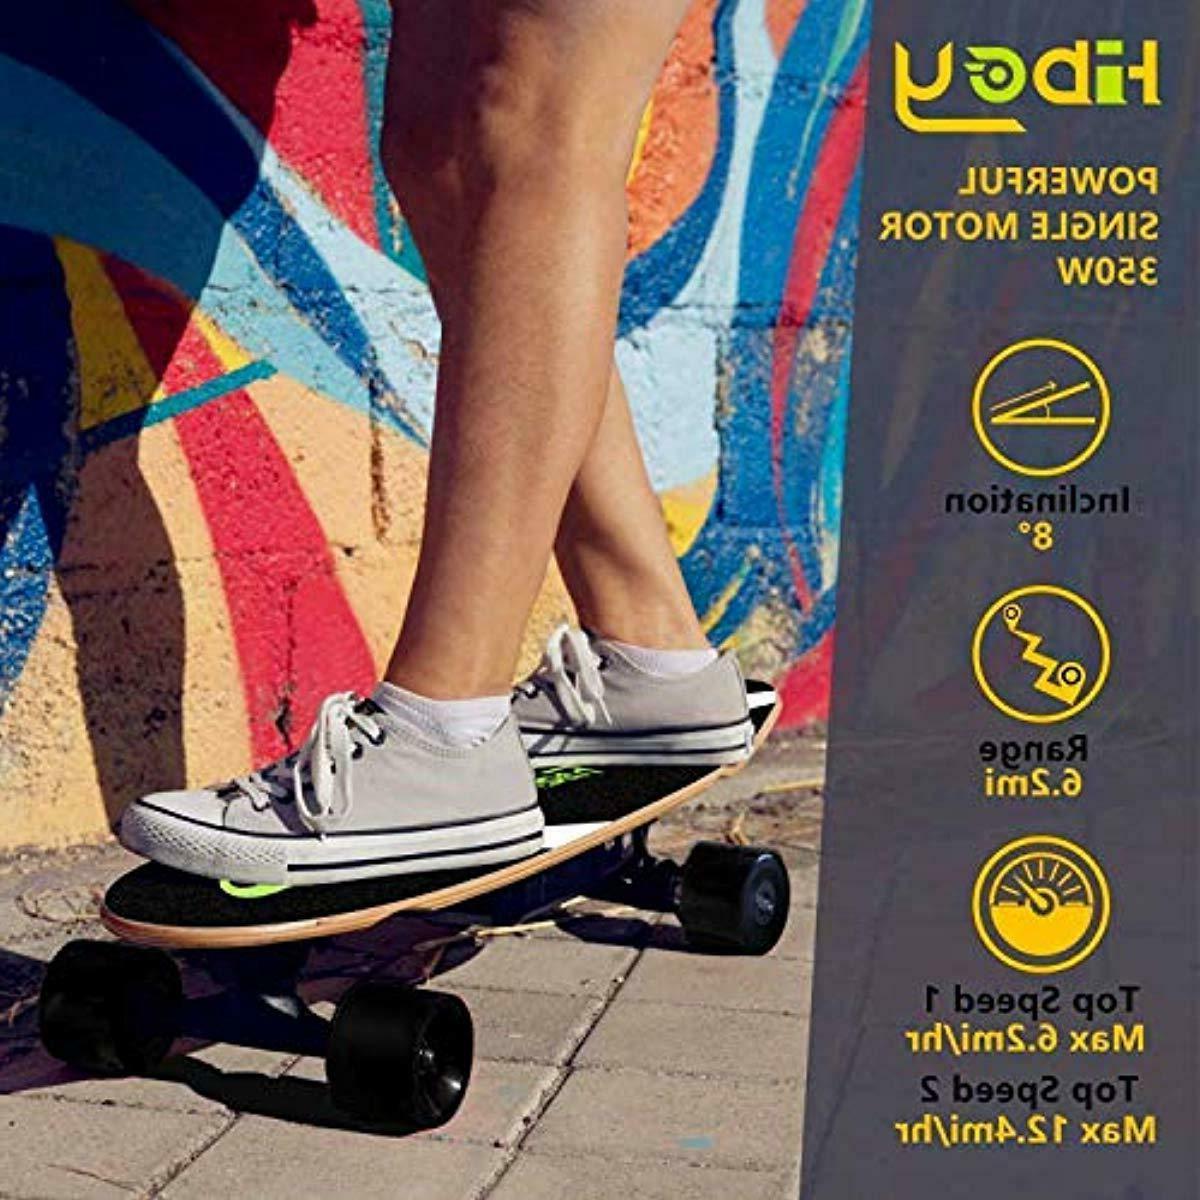 Hiboy Electric Scooter Skateboard Wheels Longboard W/Remote